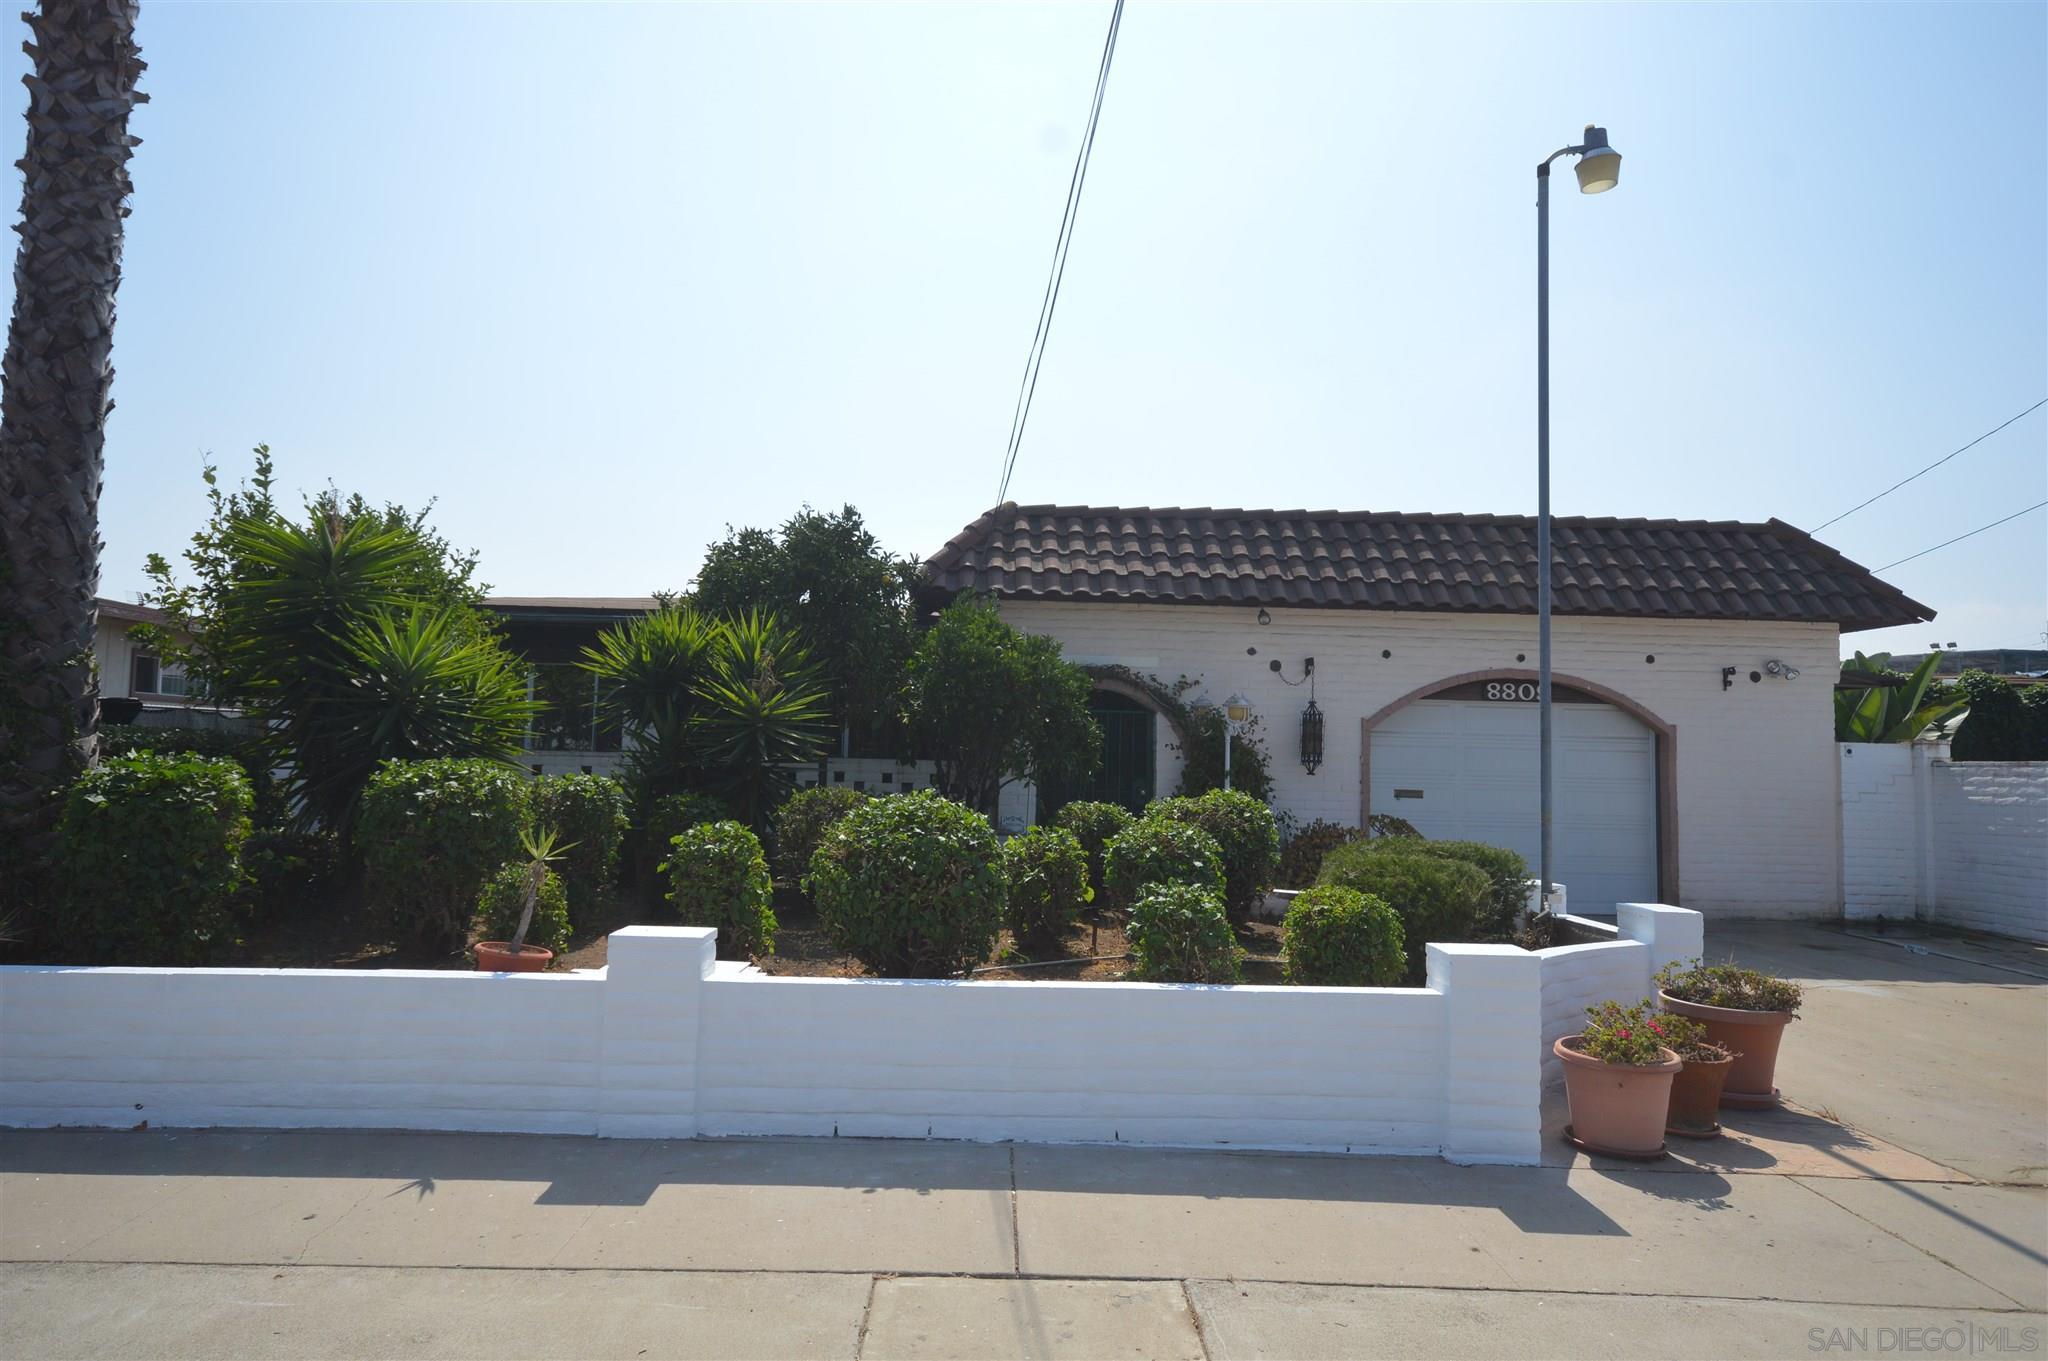 8809 Polland Ave, San Diego, CA 92123